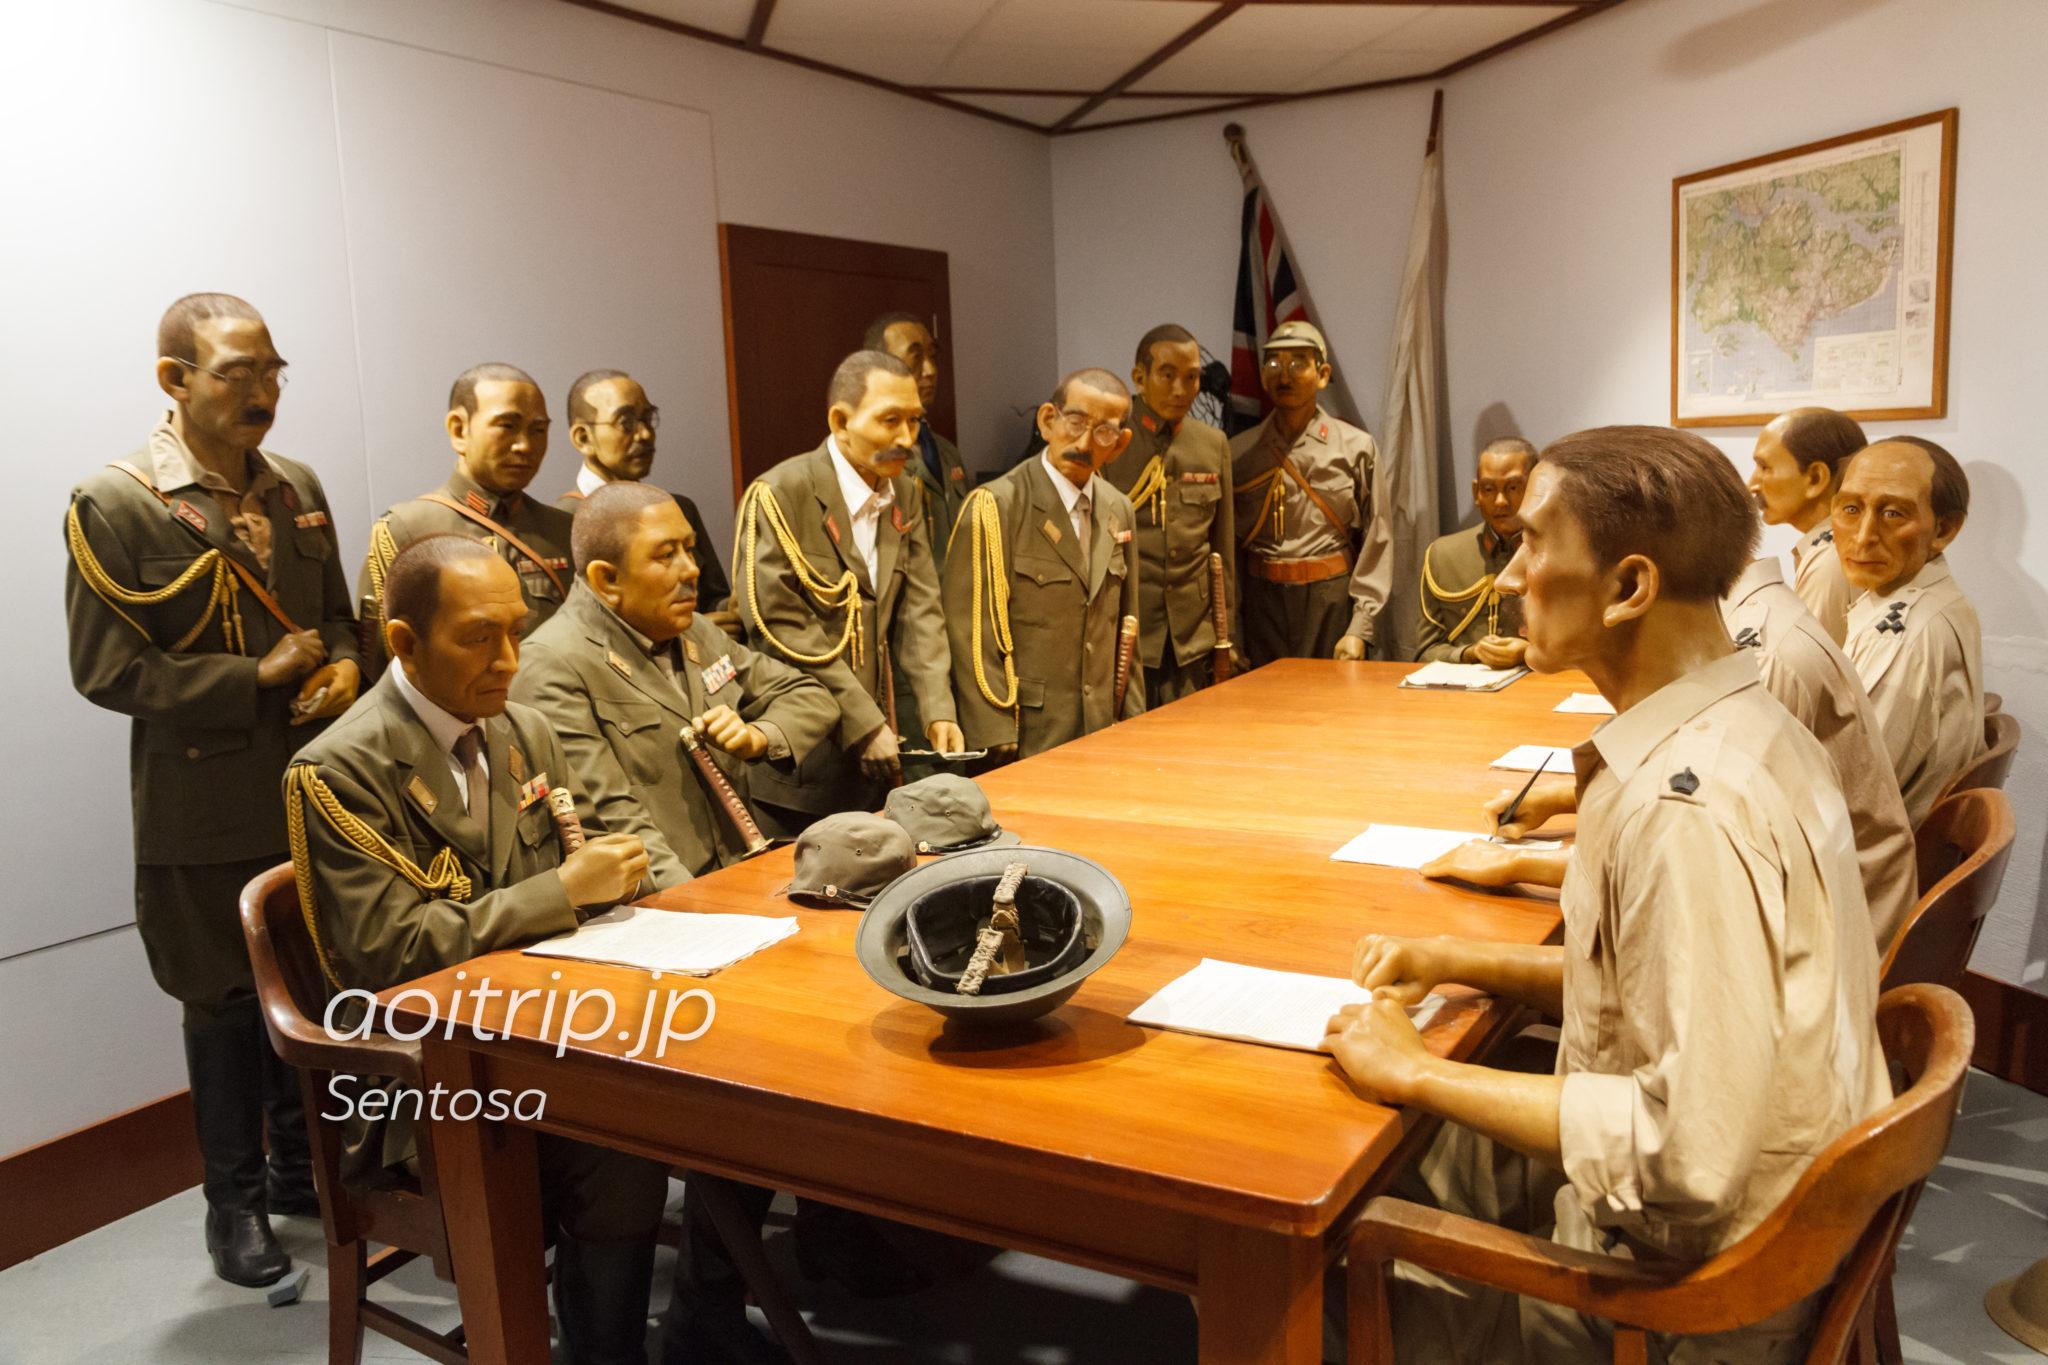 シロソ砦の山下&パーシヴァル会談の蝋人形